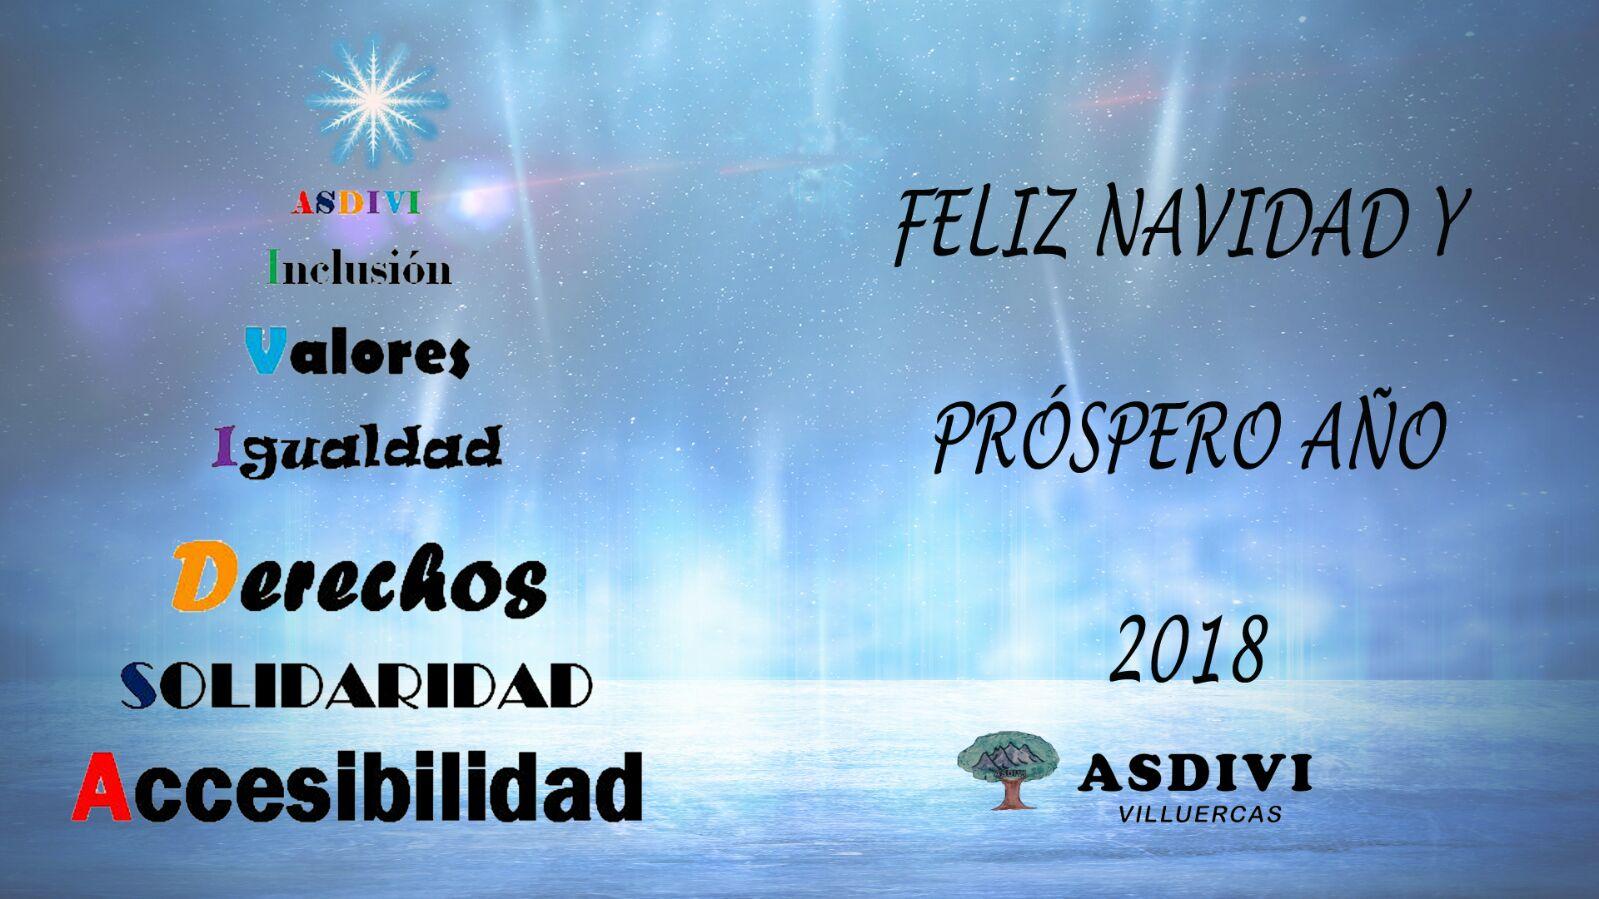 ASDIVI Villuercas os desea Feliz Navidad y Próspero Año 2018